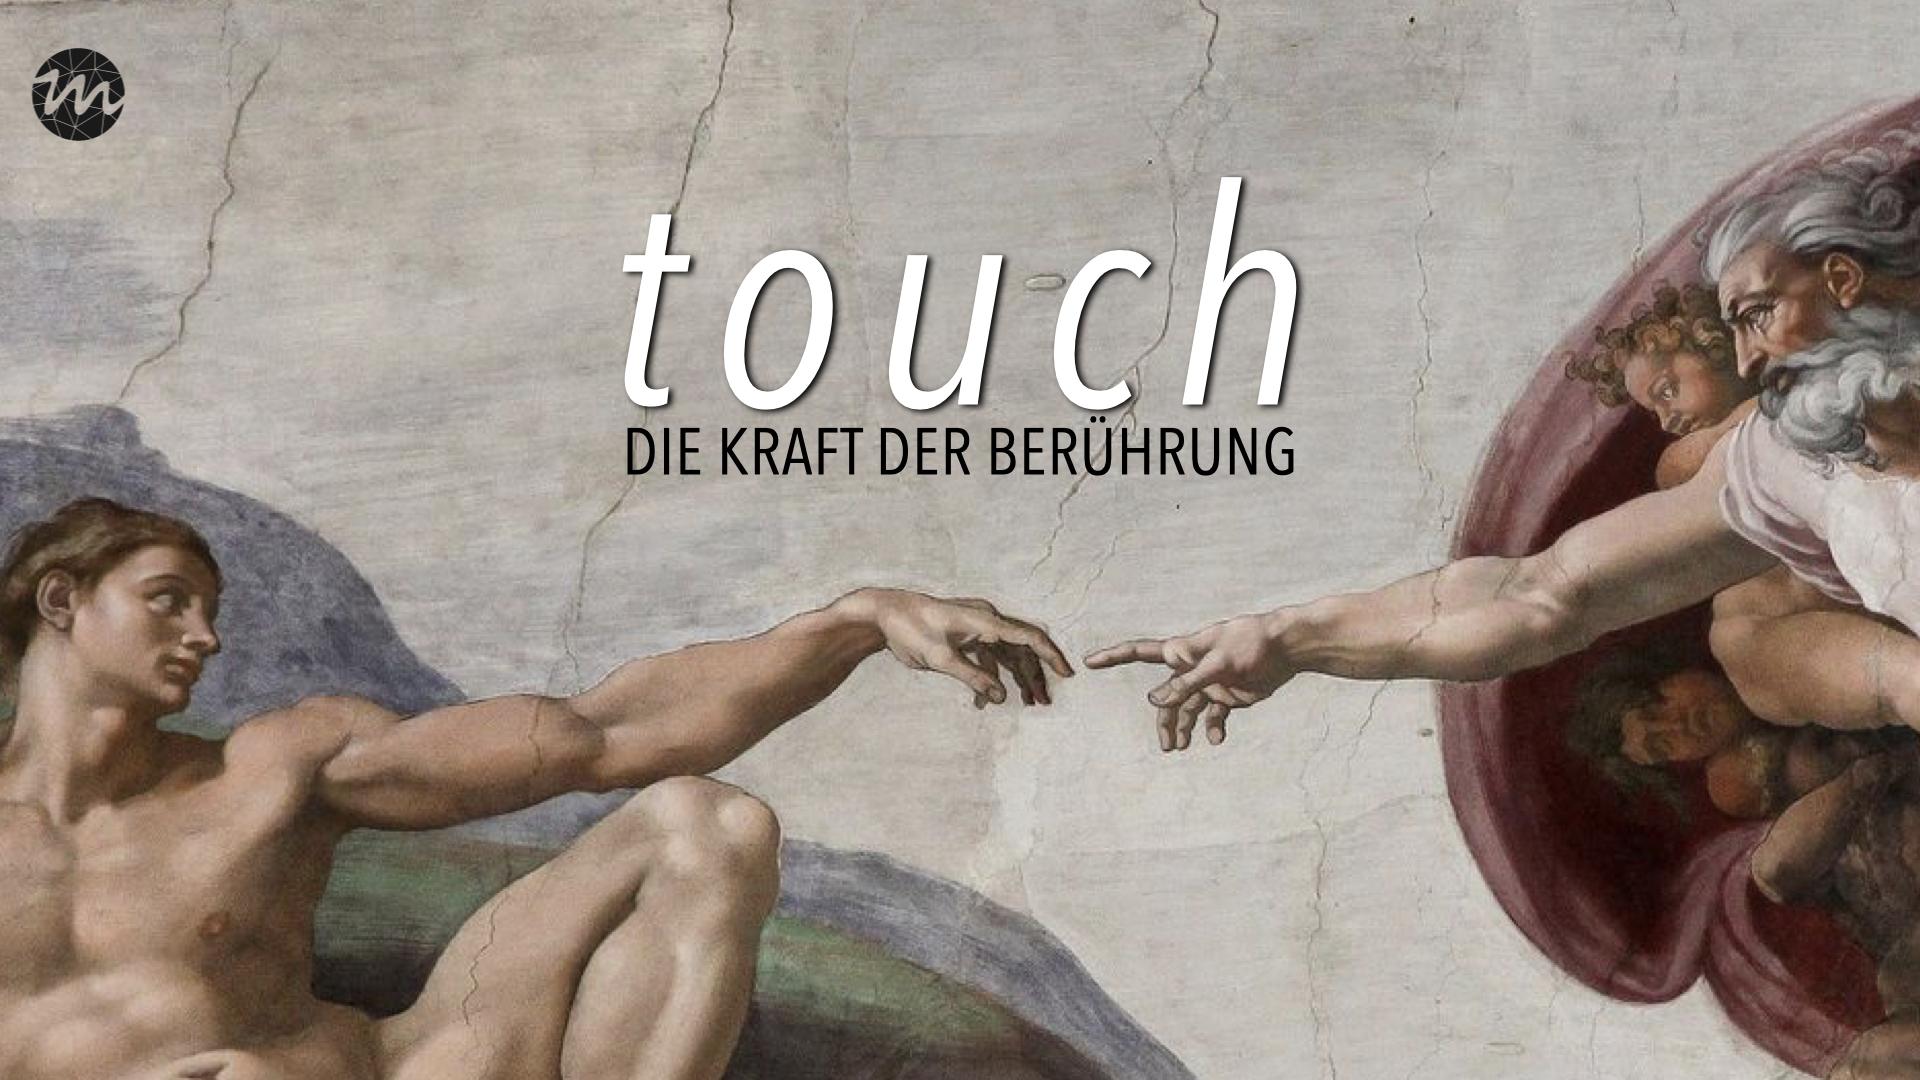 Touch. Die Kraft der Berührung